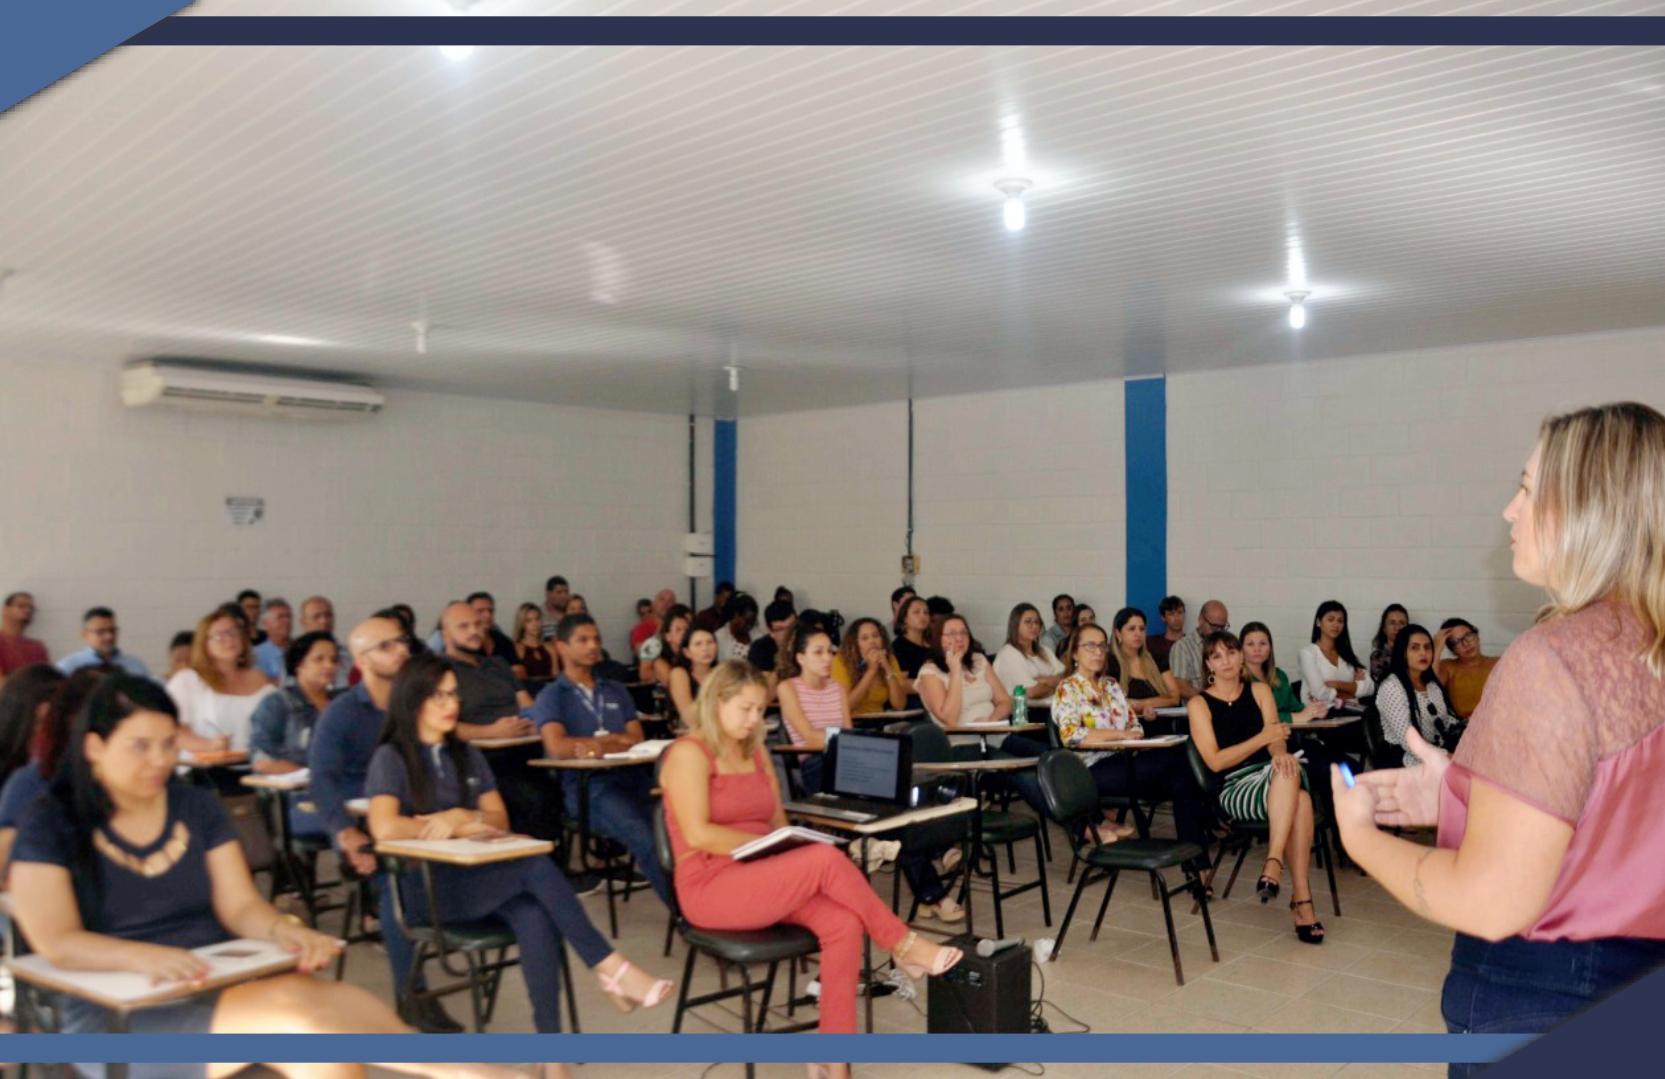 EM FORMA DE BATE-PAPO, CONTROLADORIA MUNICIPAL REALIZA EVENTO SOBRE CONTROLE E TRANSPARÊNCIA NOS PROCEDIMENTOS ADMINISTRATIVOS